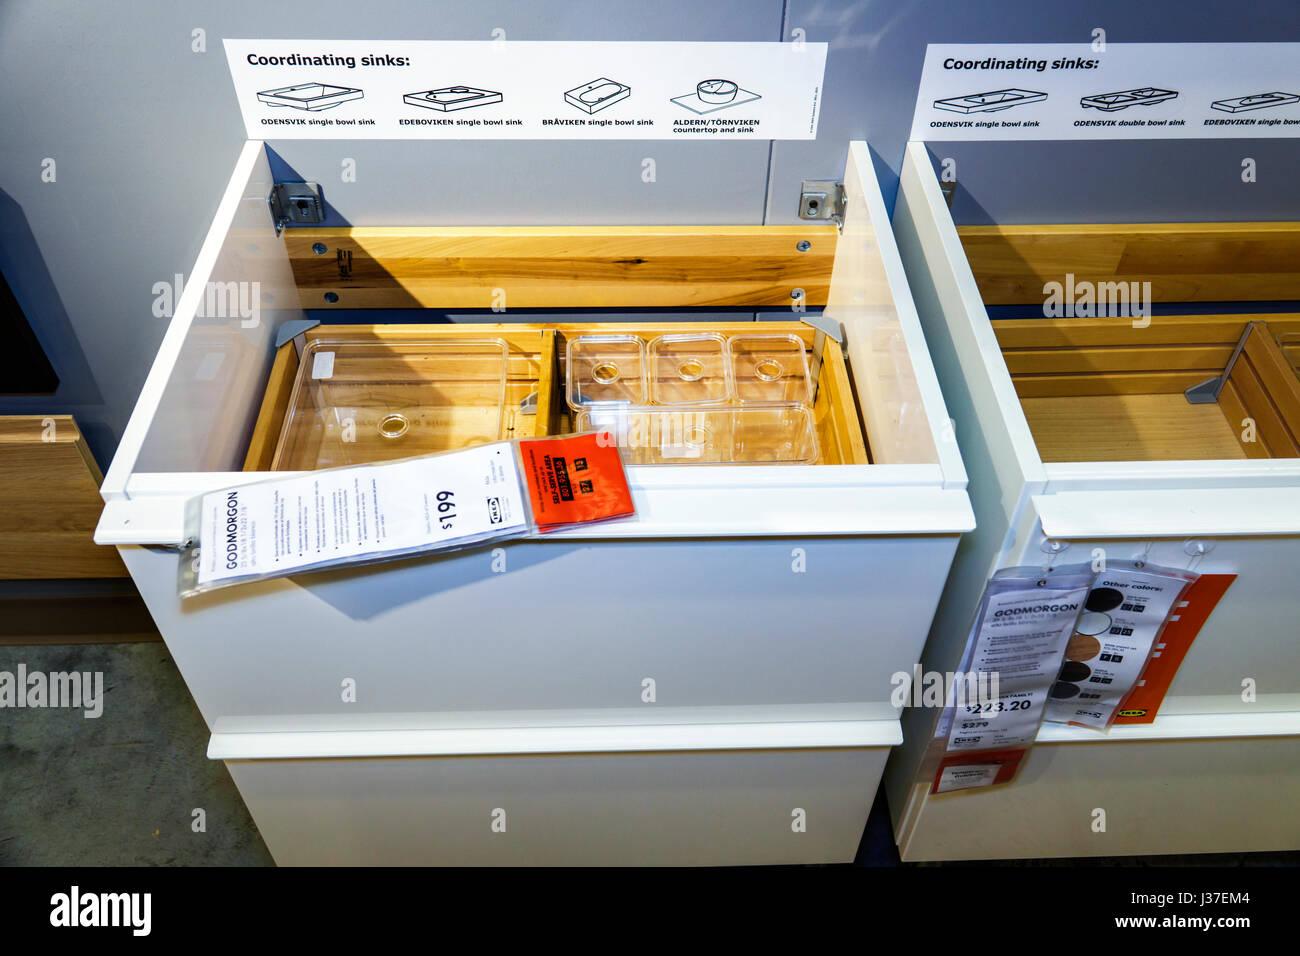 Miami Florida negozio Ikea mobili rivenditore home shopping accessori bagno fixture lavello vanità prezzo visualizzare Immagini Stock